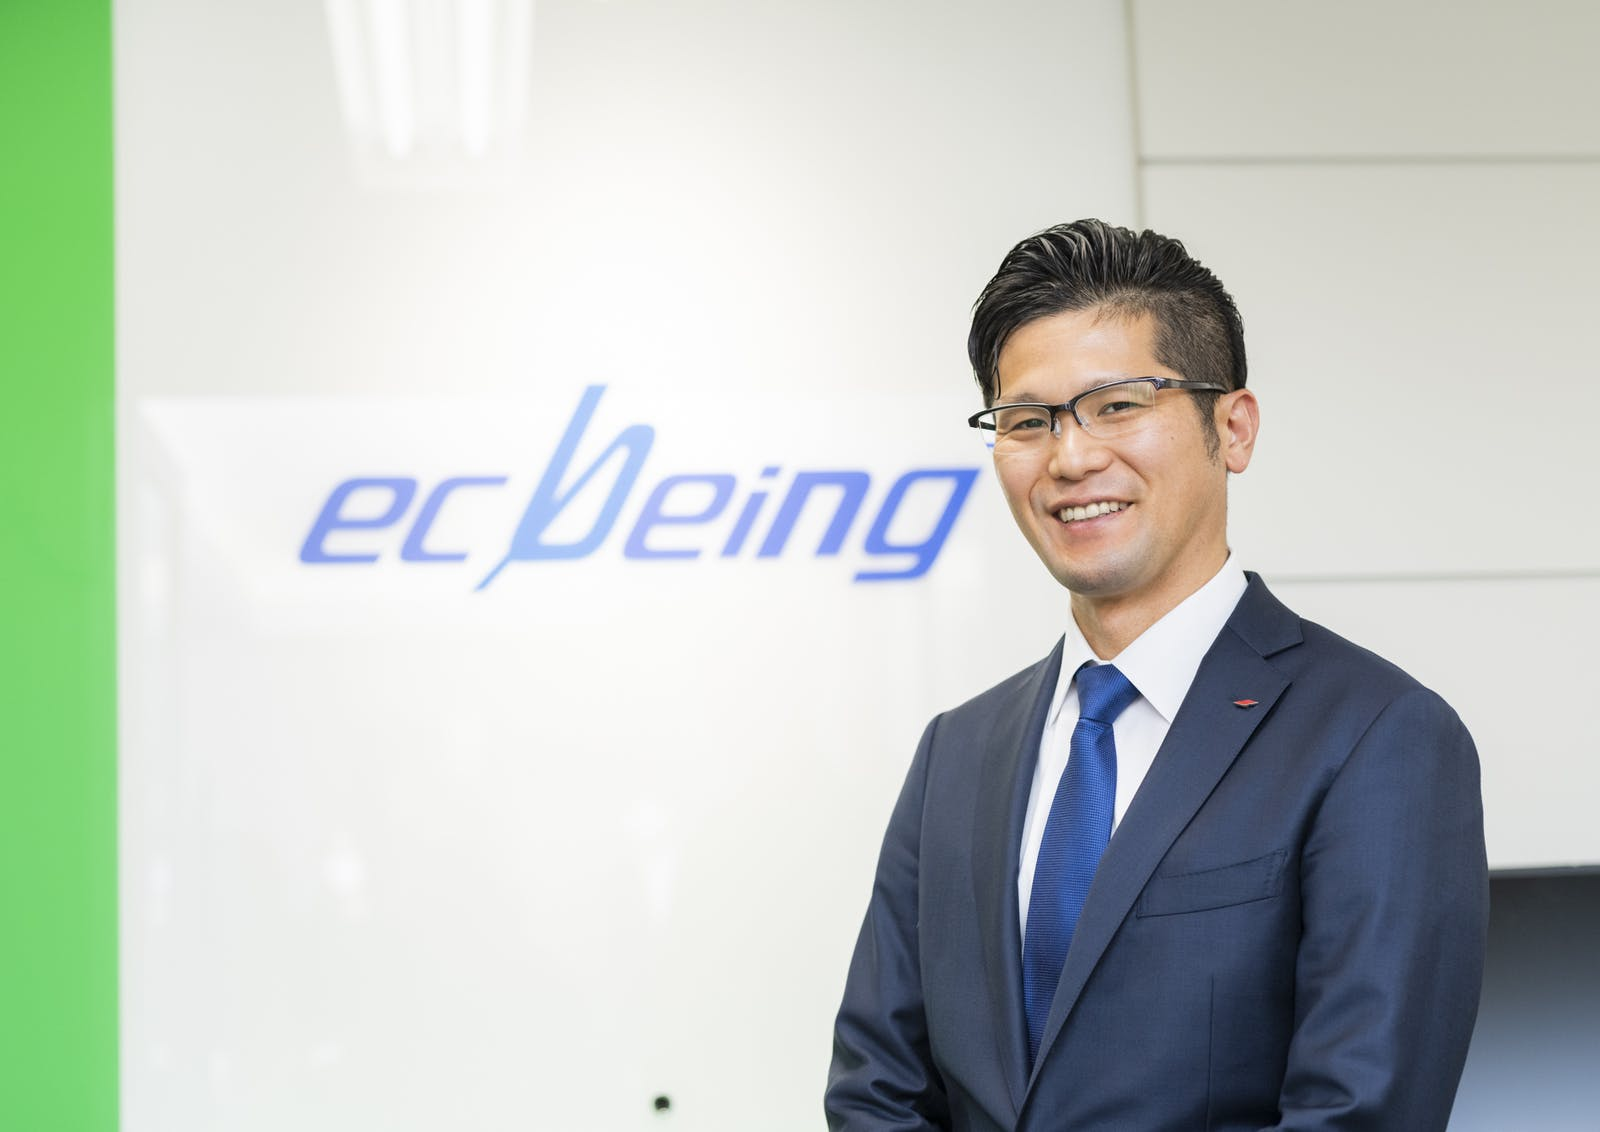 株式会社ecbeingのアイキャッチ画像